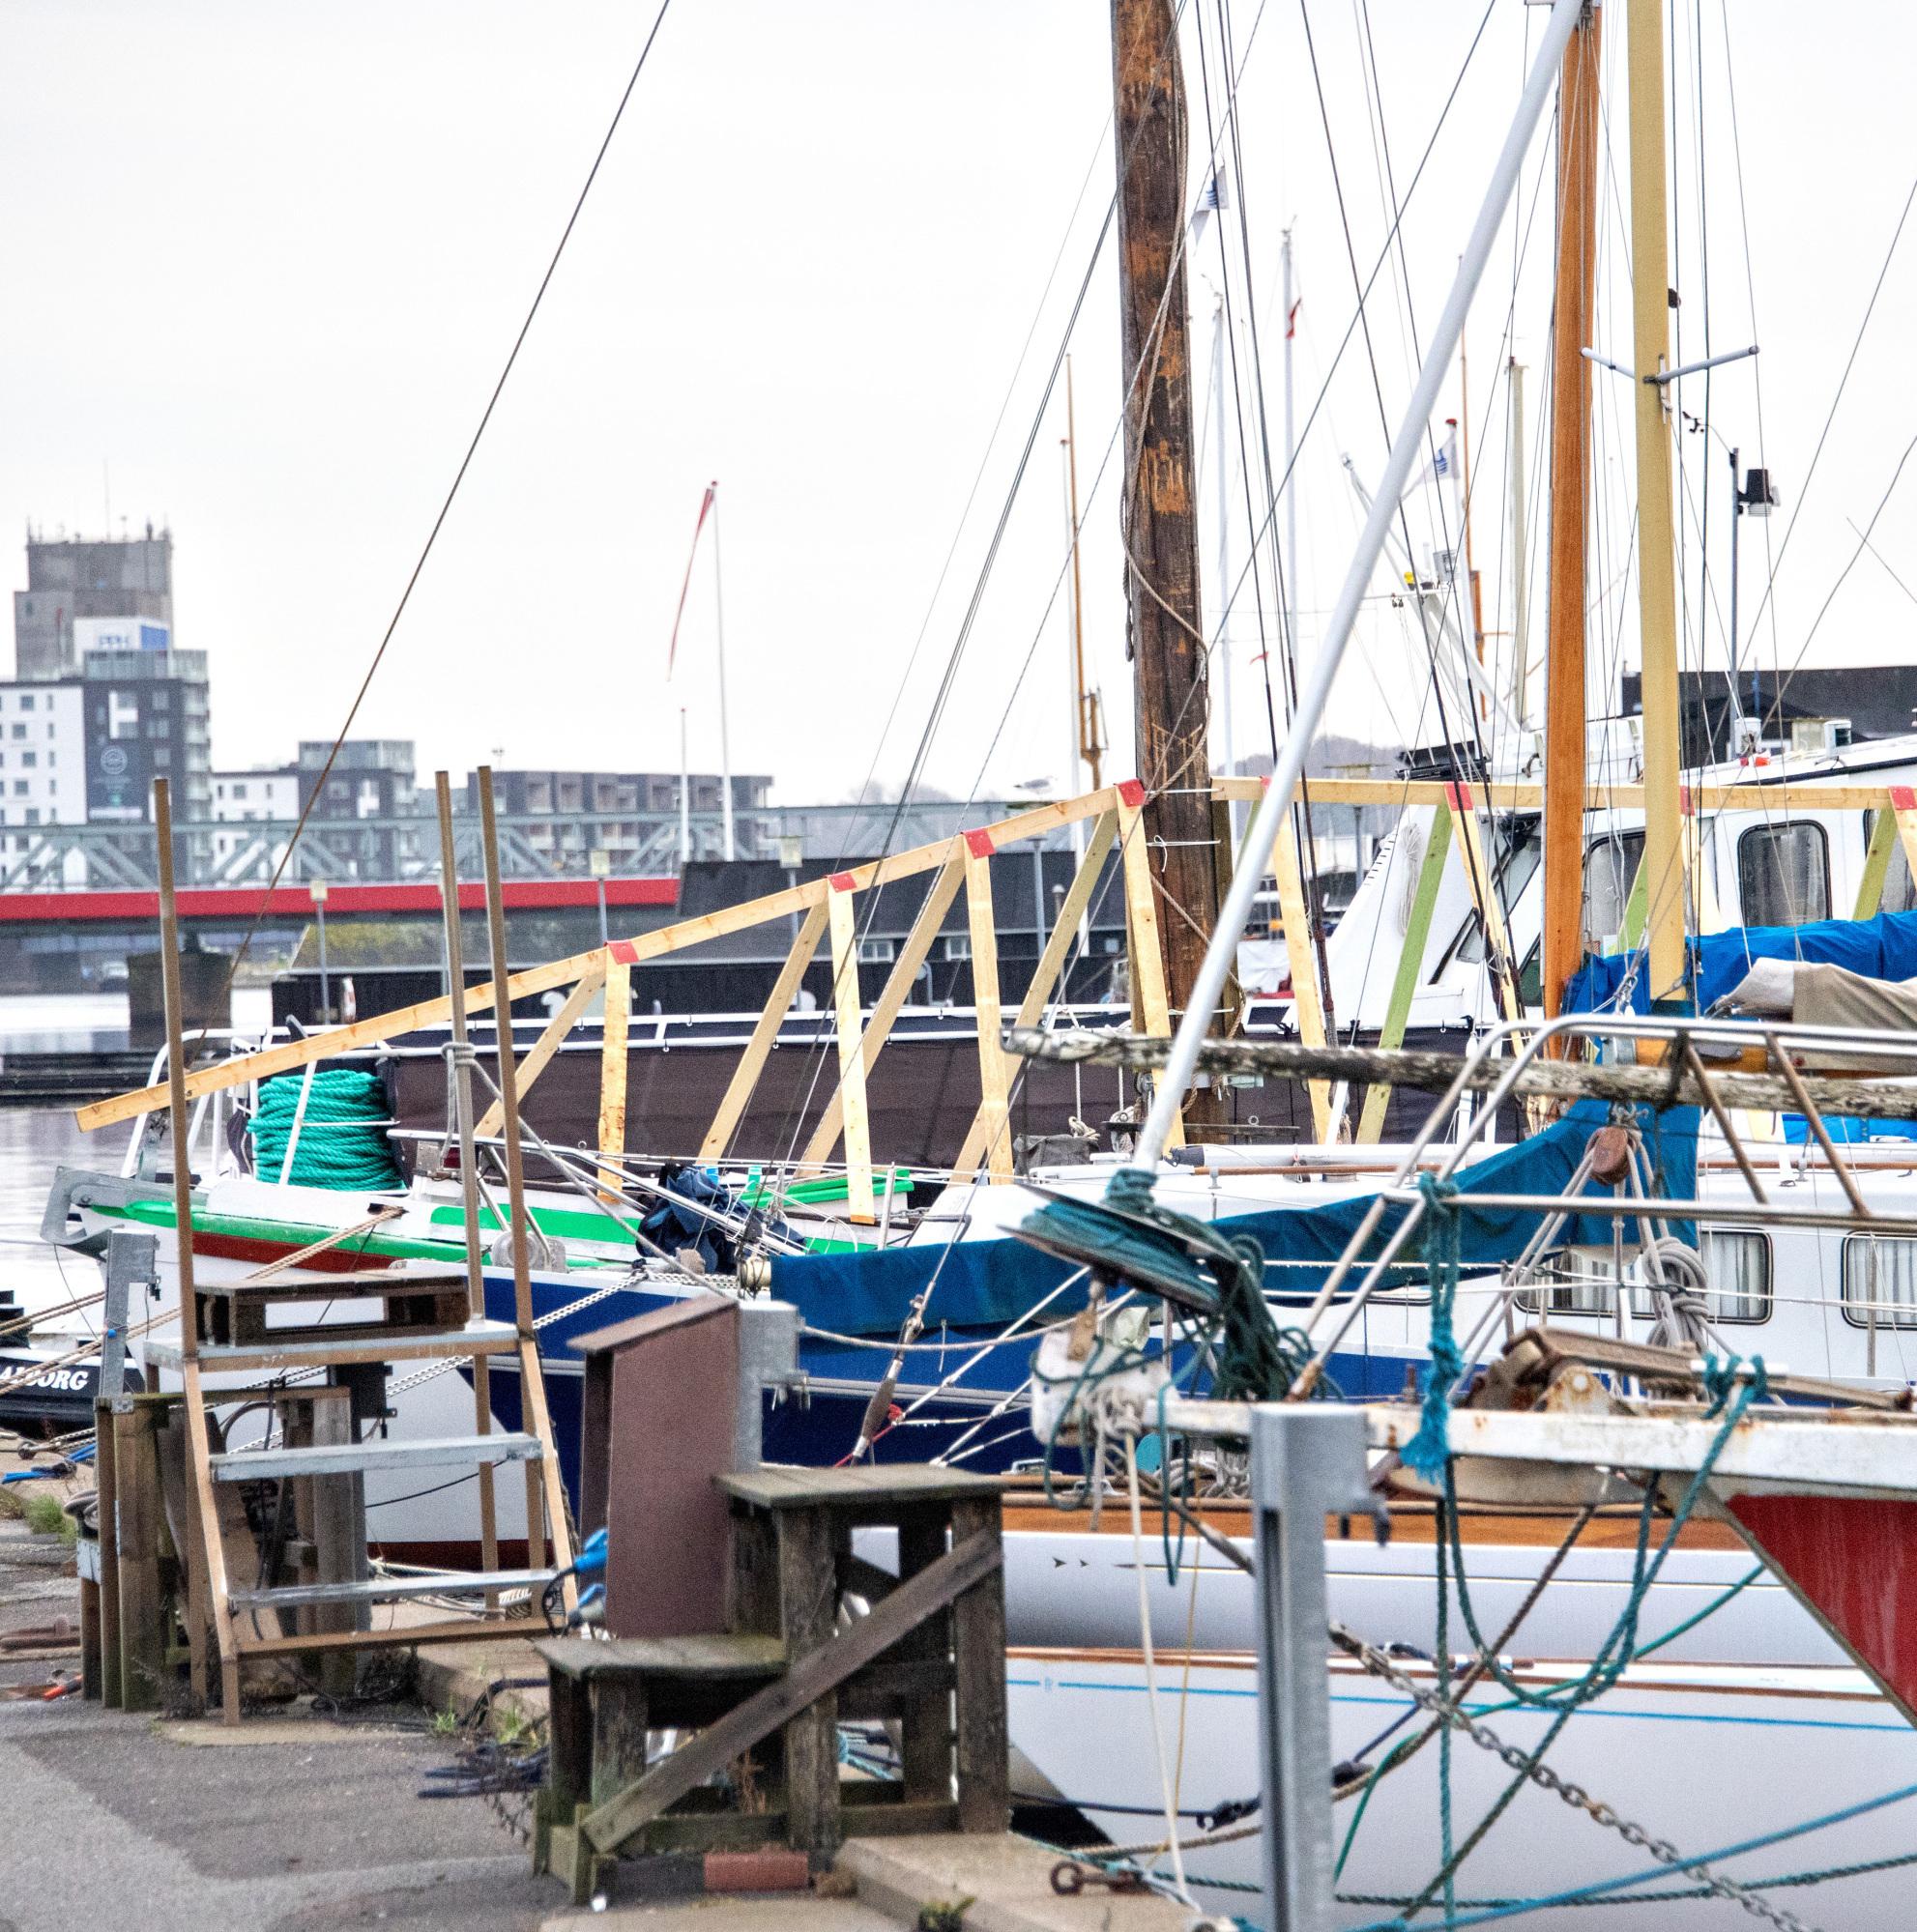 Udspil: Ny bydel i Aalborg skal opføres på fjordbund